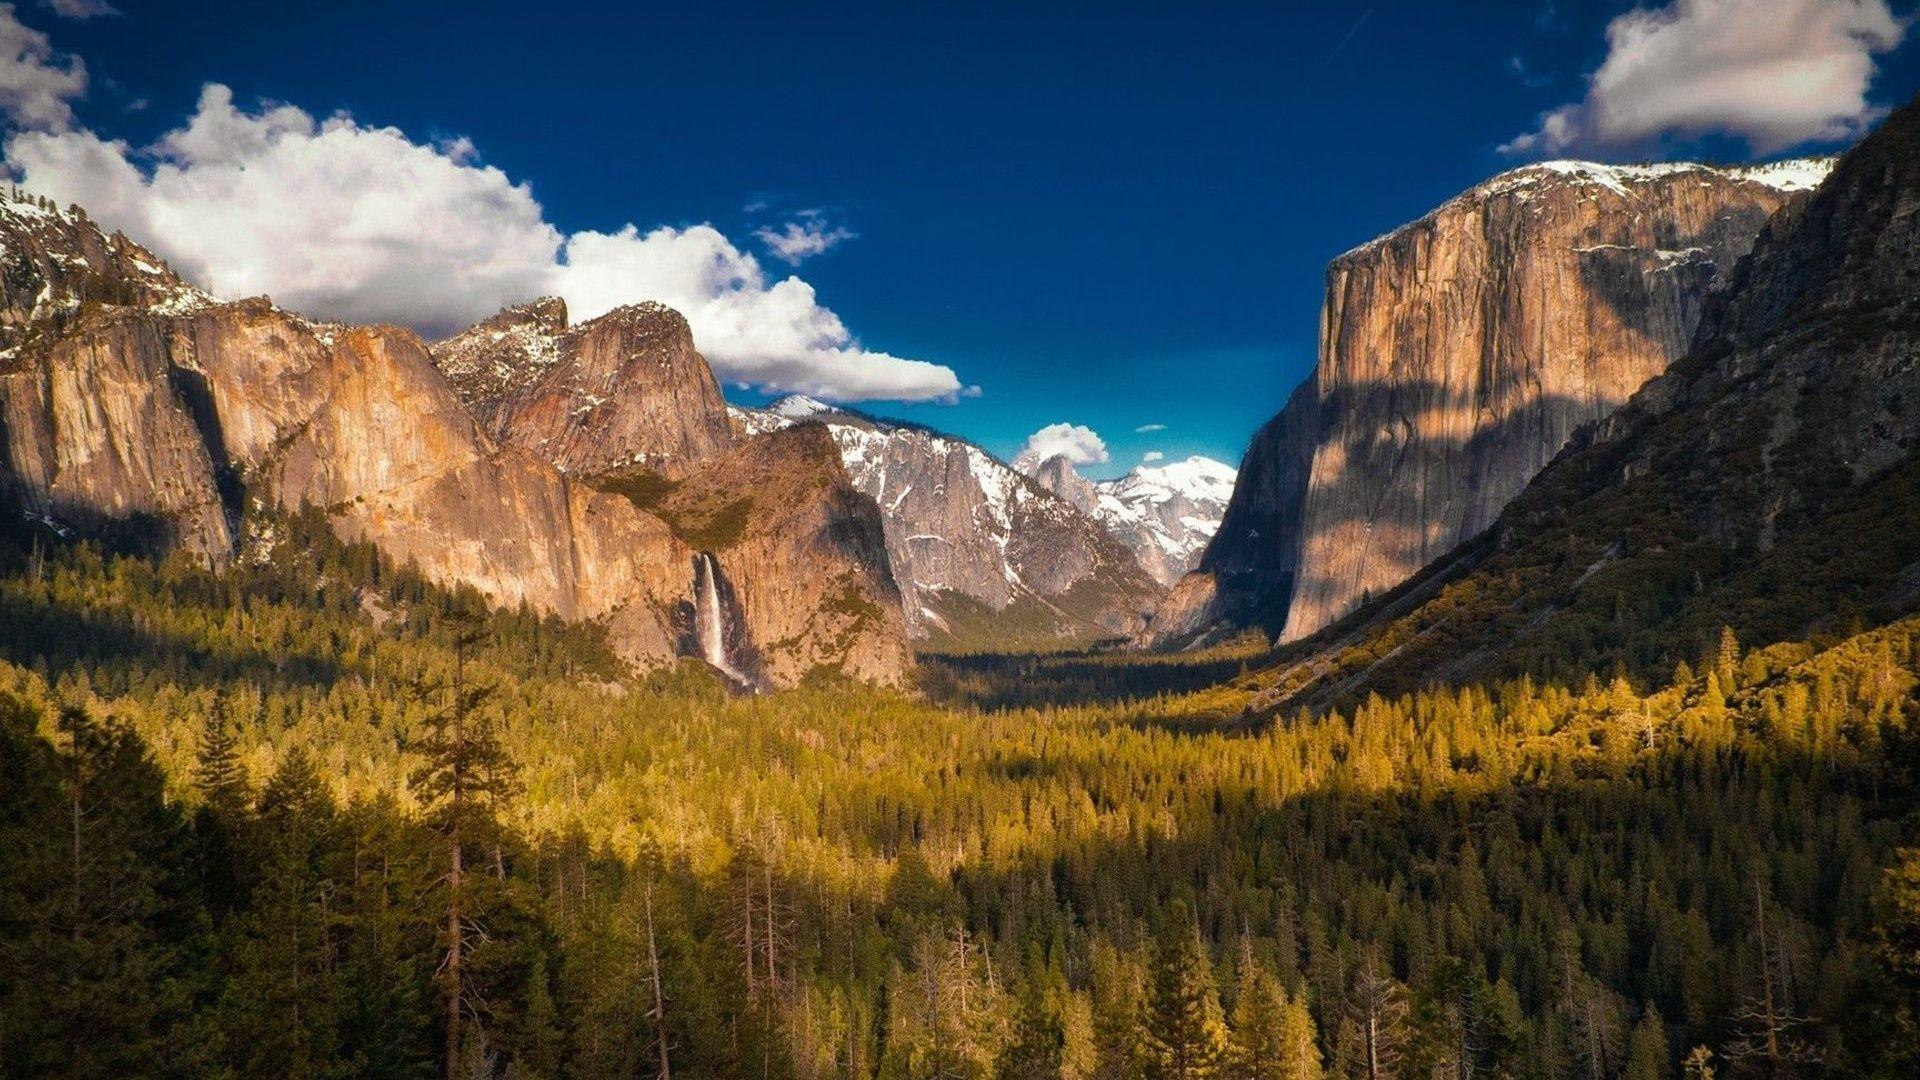 Yosemite full hd 1080p wallpaper